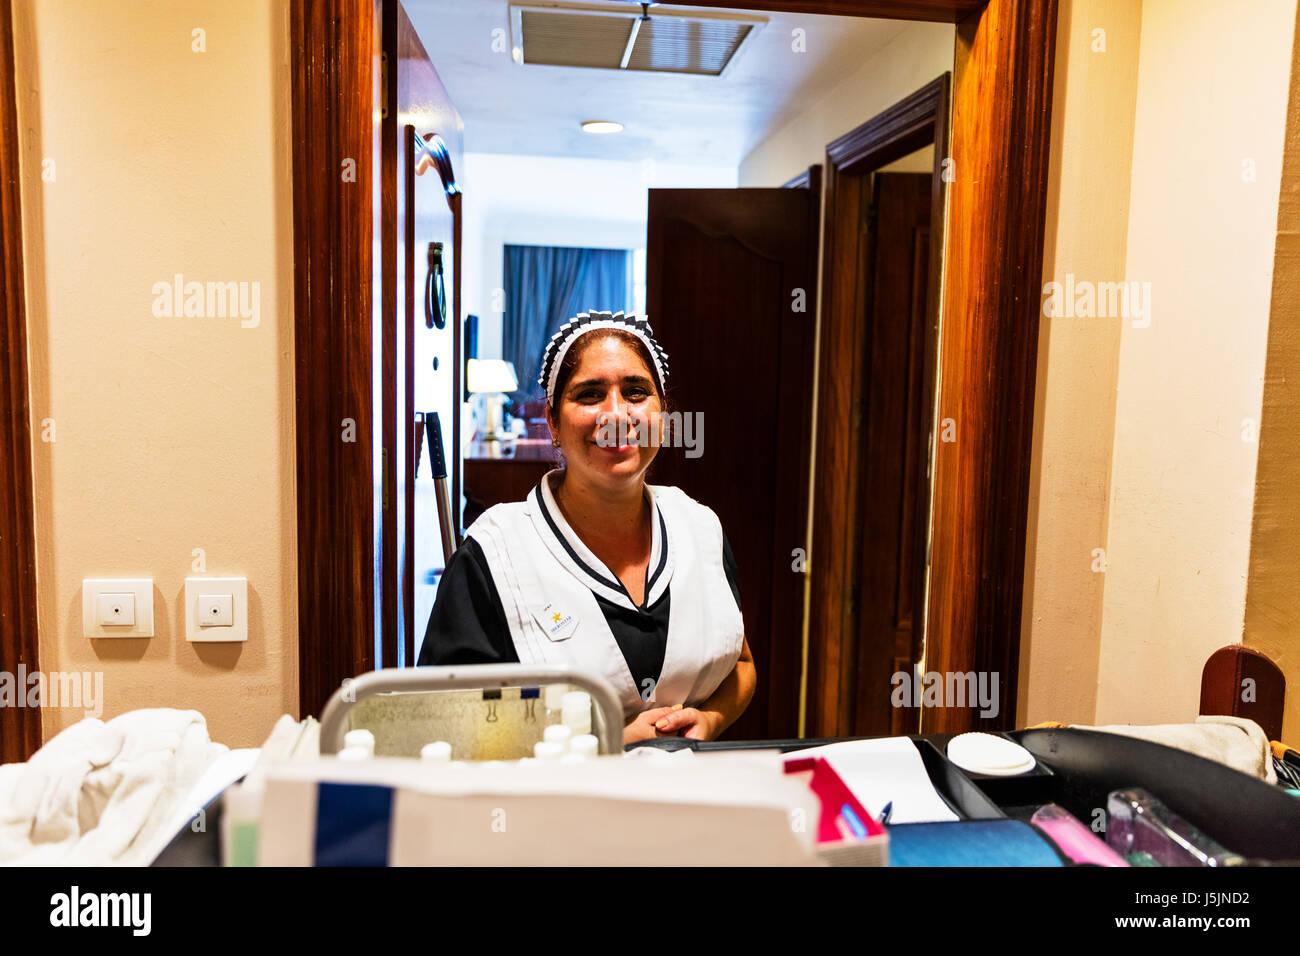 Servante de nettoyage chambres de l 39 h tel femme de chambre femme de chambre de l 39 h tel cuba - Competence femme de chambre ...